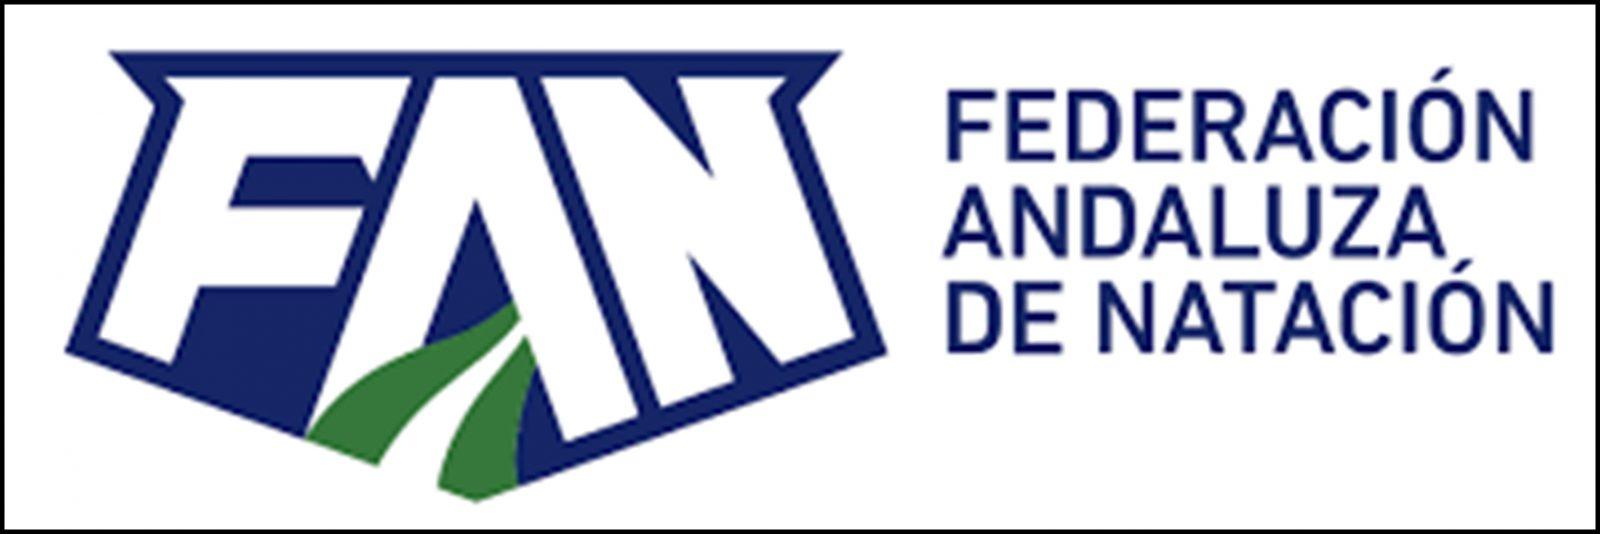 Federación Andaluza de Natación